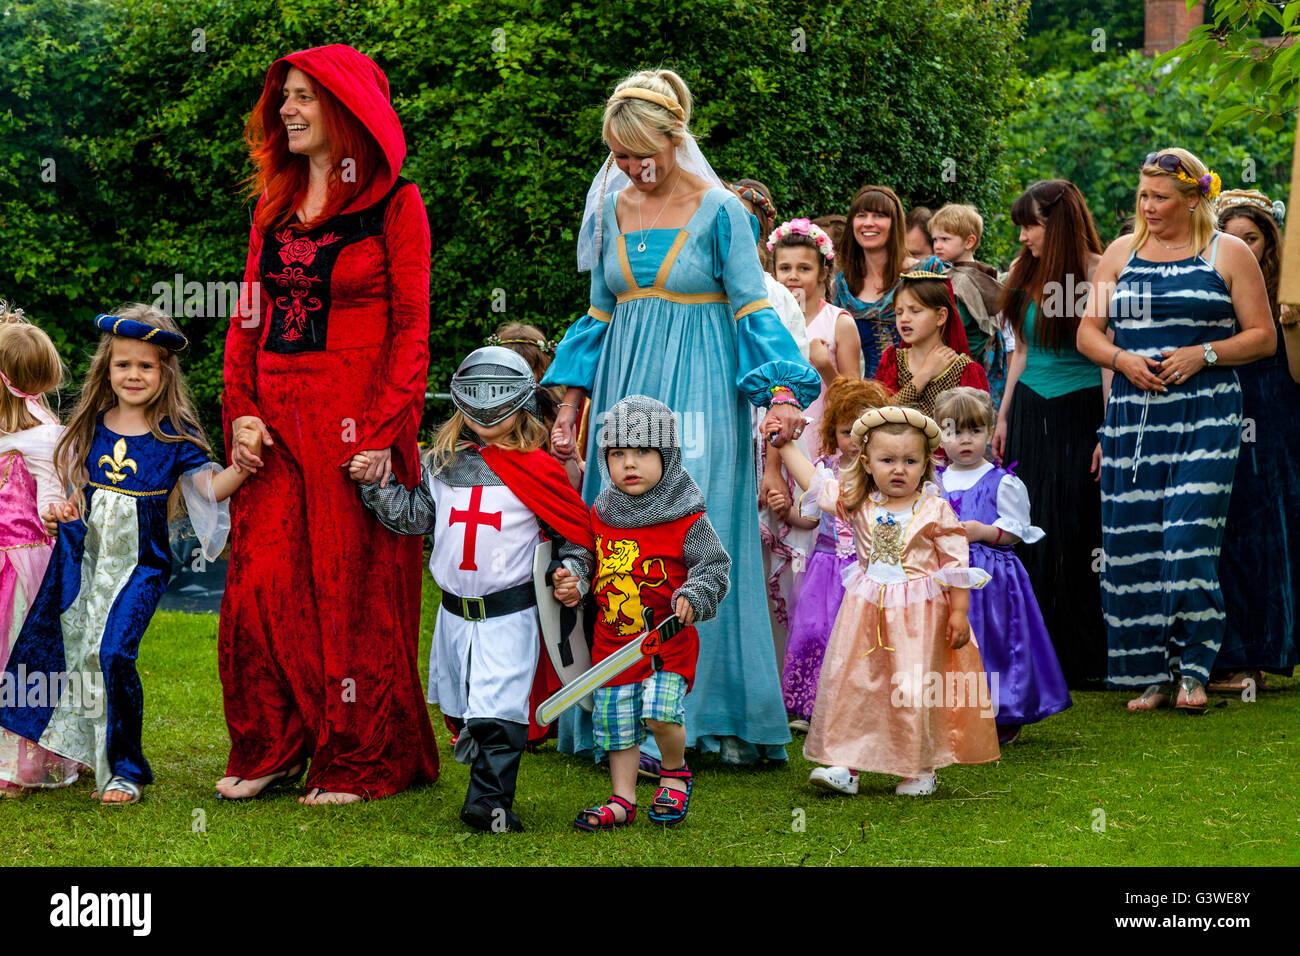 Gumeracha Medieval Fair | Come and enjoy the fun at the Gumeracha ...